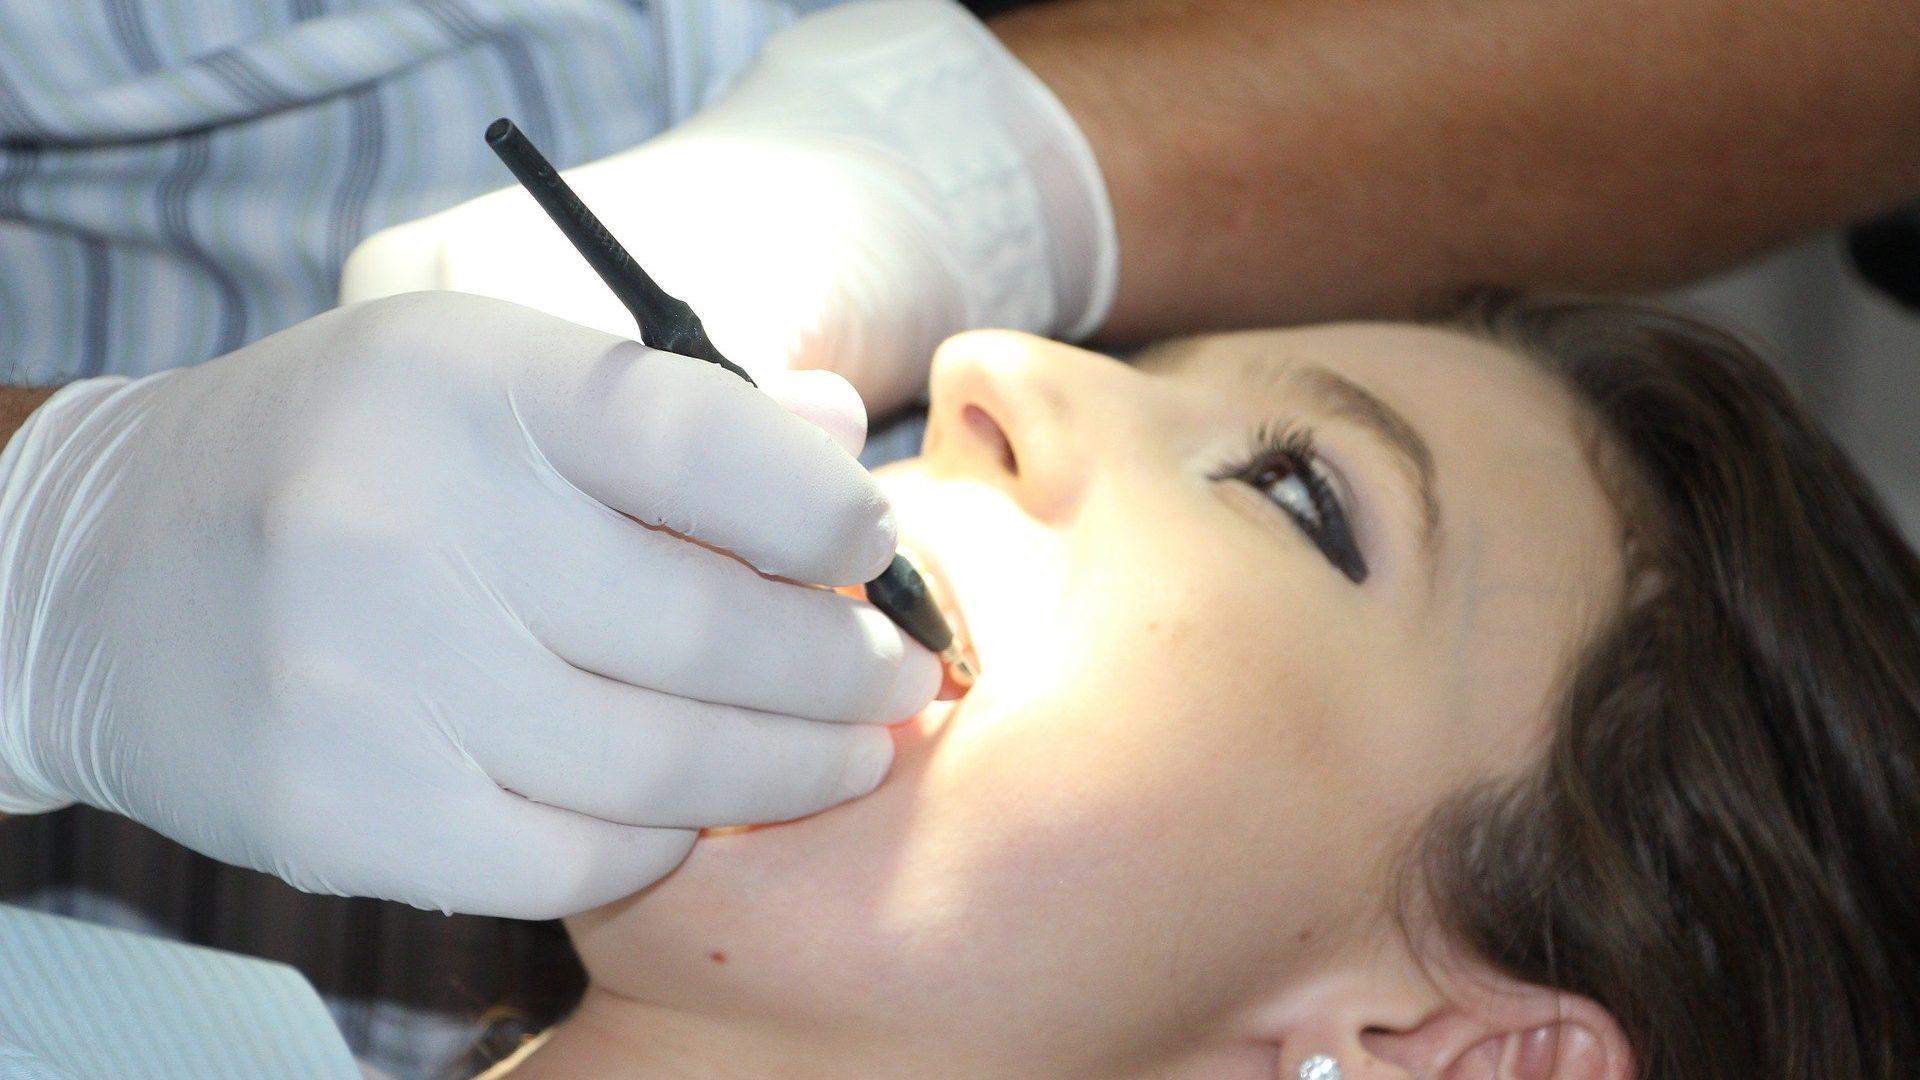 Mes dents : j'agis pour les protéger